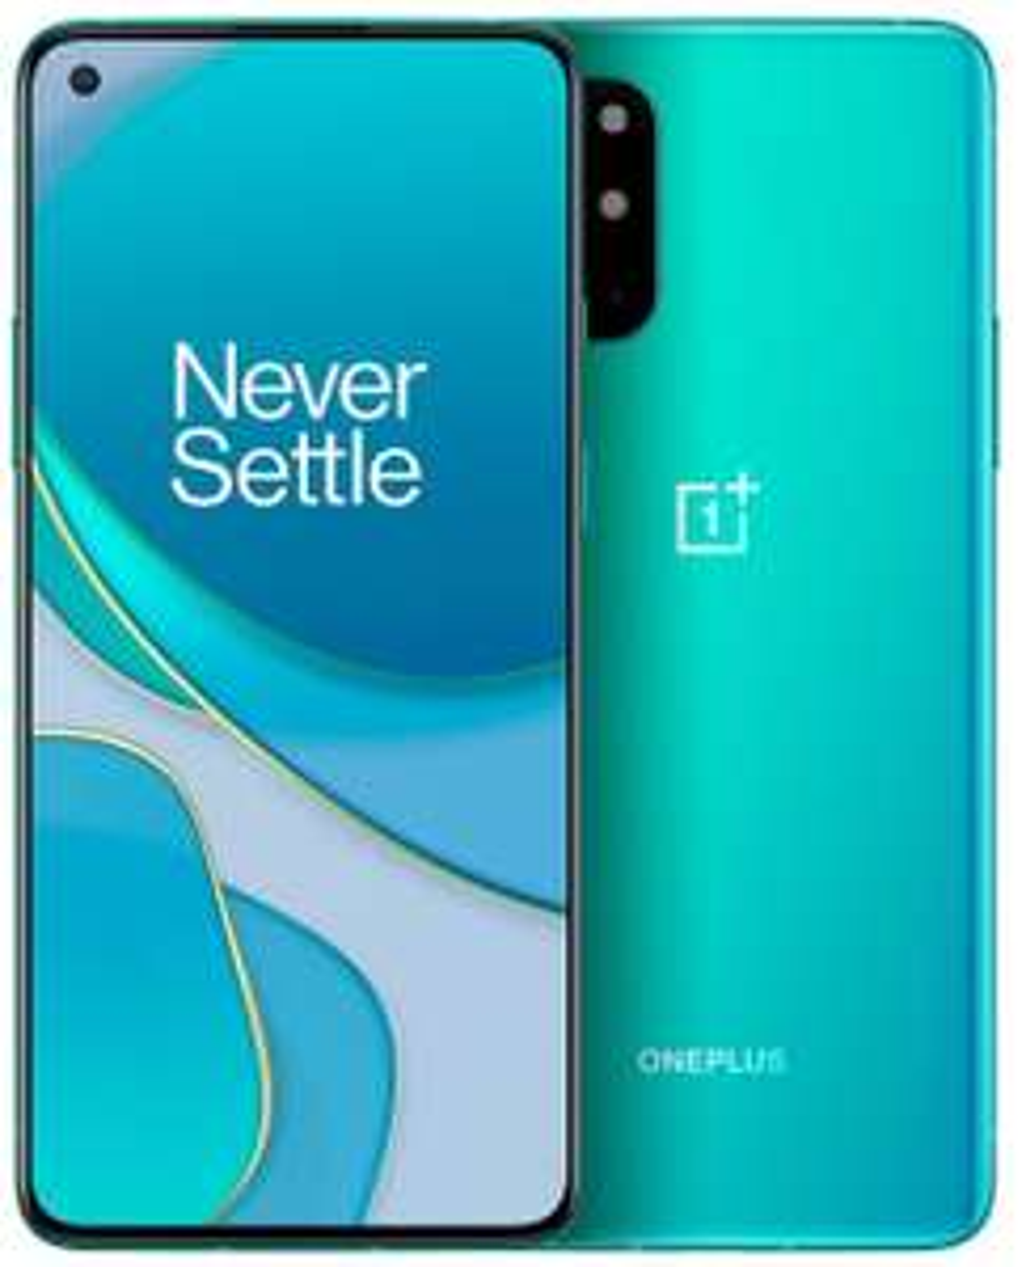 [Telekom-Netz] OnePlus 8T + Bullets Wireless 2 mit Congstar Allnet Flat M (12GB LTE, VoLTE, WLAN Call) für 4,99€ ZZ & mtl. 30€